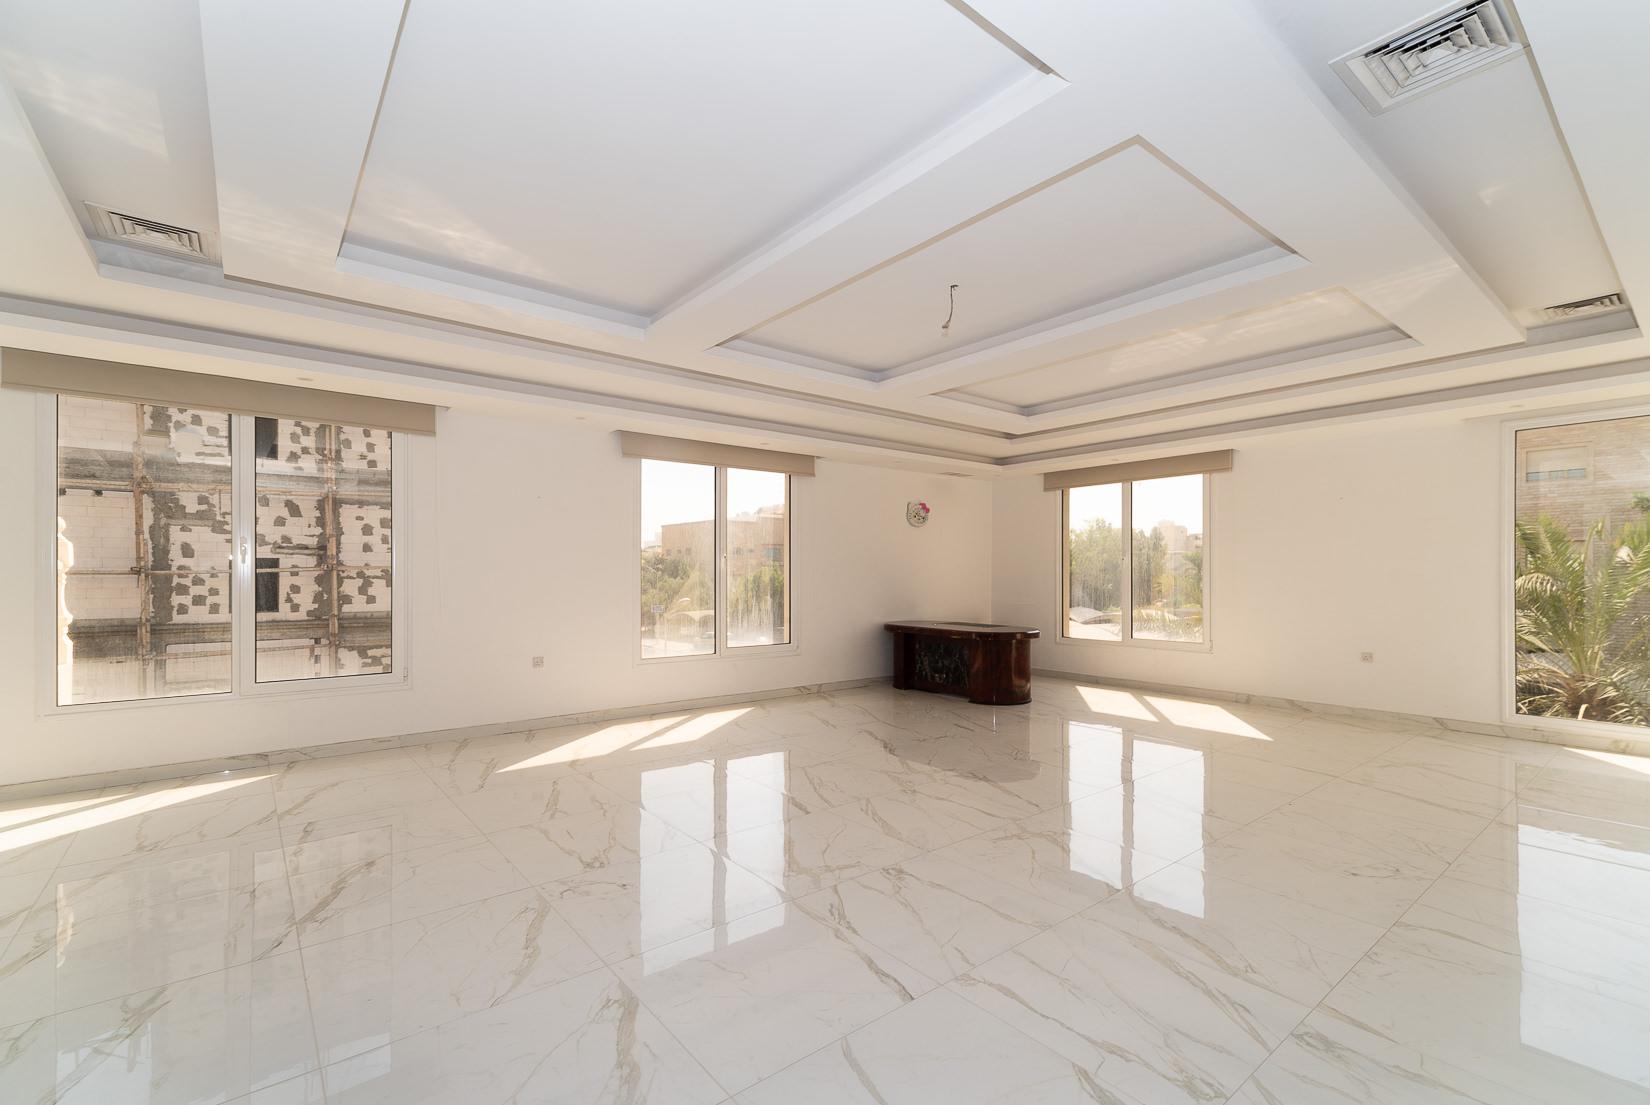 Rumaithiya – new, spacious, sunny, four bedroom floor